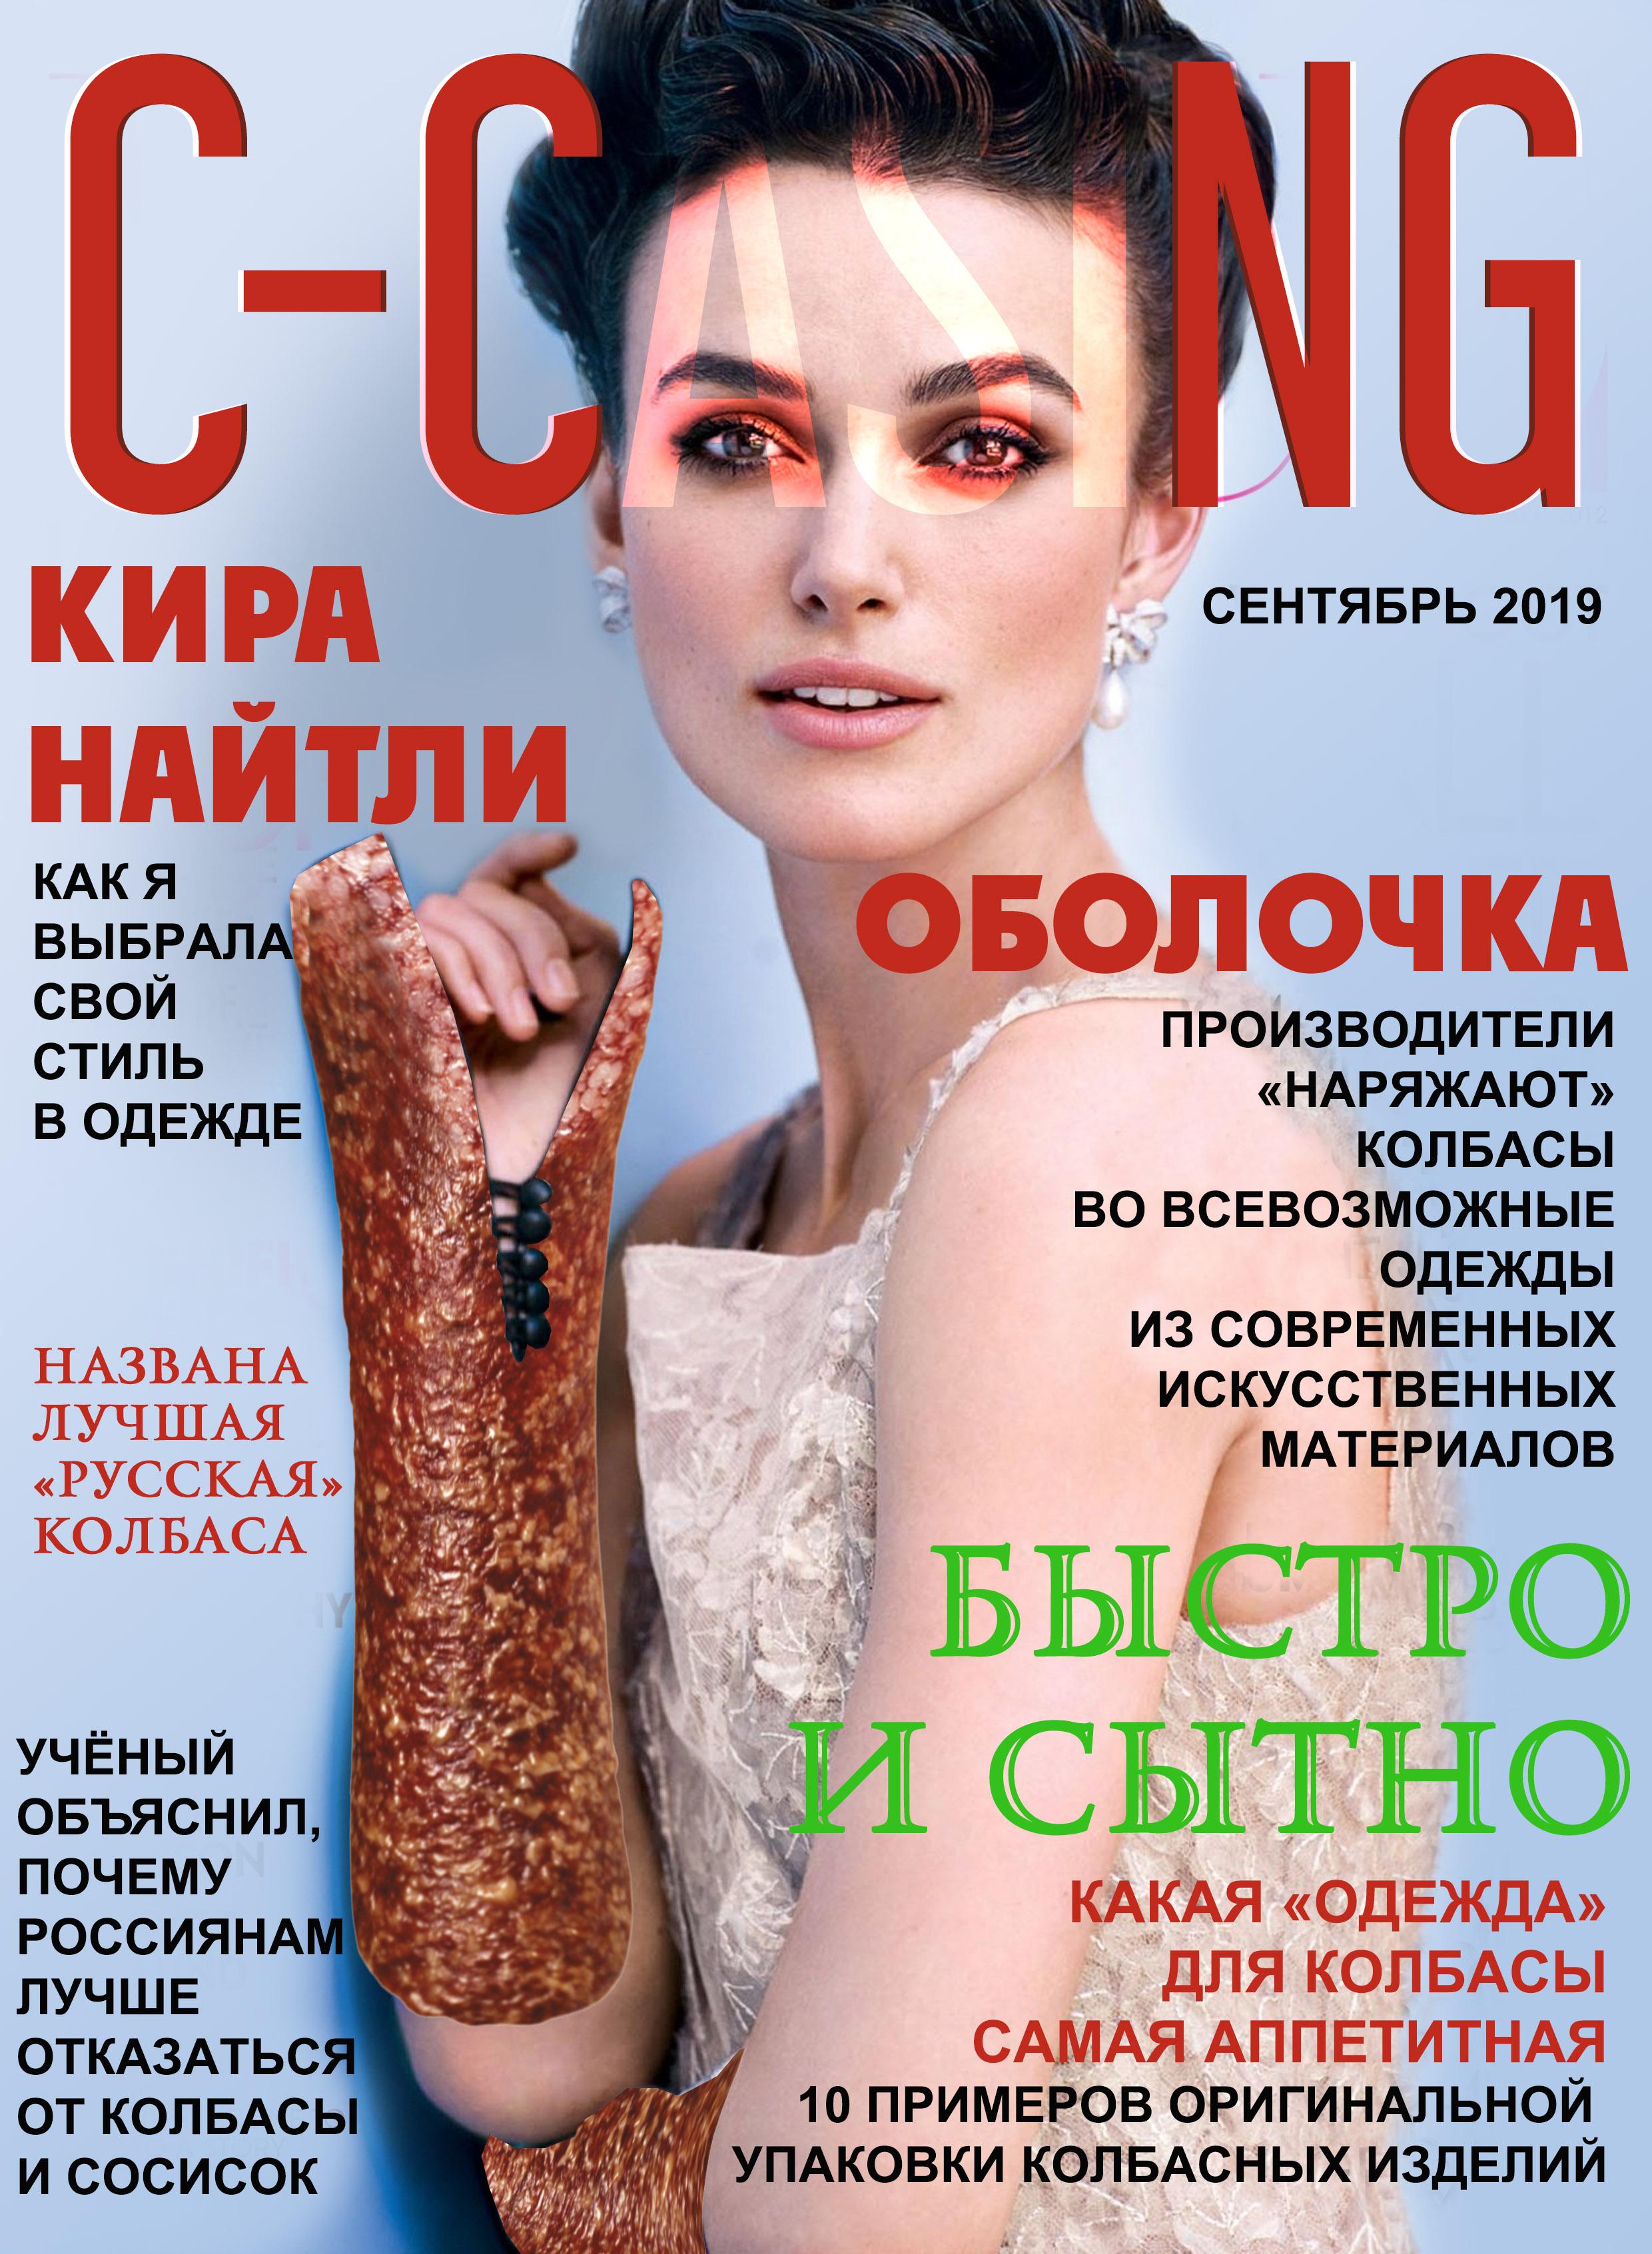 Полиграфический дизайн, Журнальный дизайн, Коллаж.  фото f_6675d7404989b346.jpg